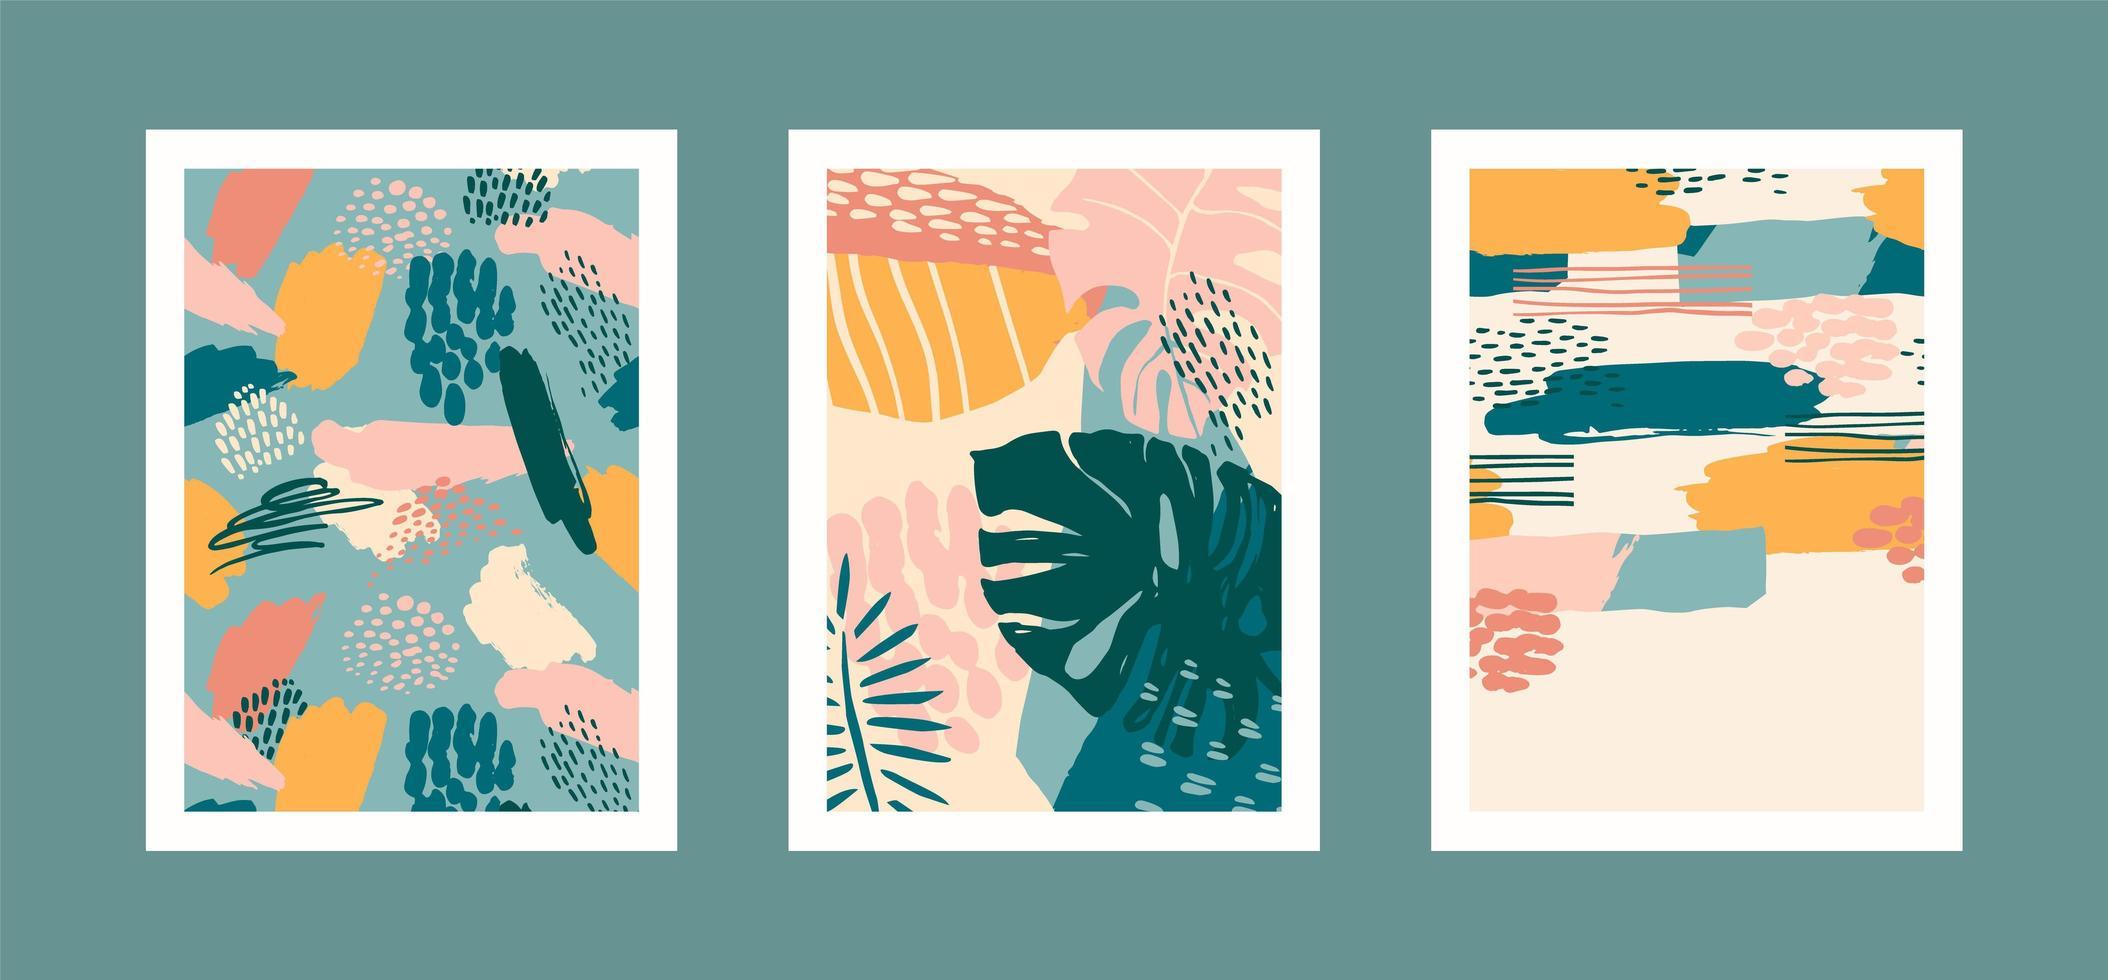 Sammlung von Kunstdrucken mit abstrakten tropischen Blättern. modernes Design für Plakate, Umschläge, Karten, Inneneinrichtung und andere Benutzer. vektor